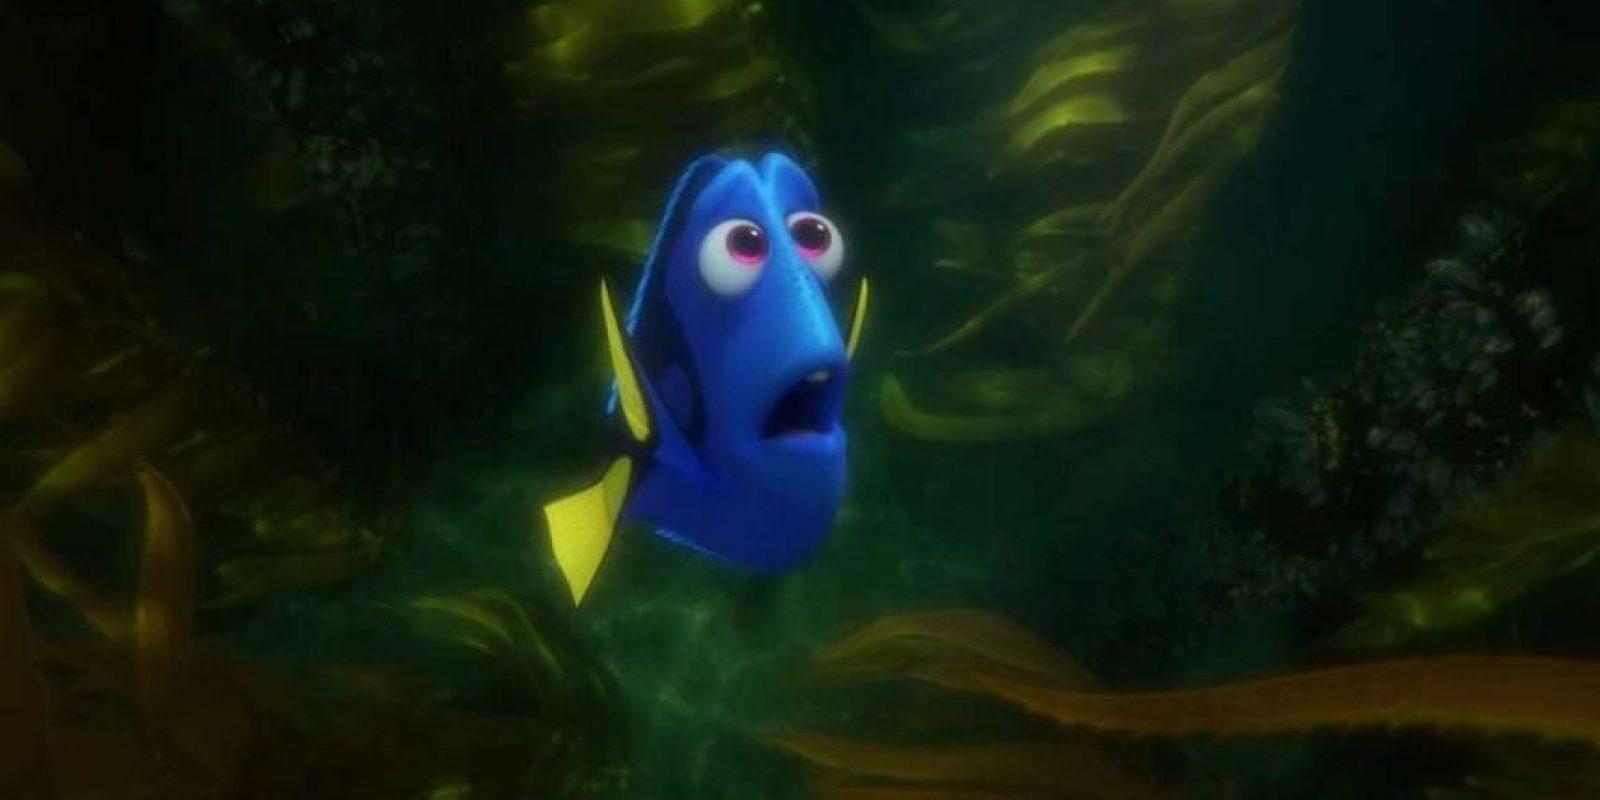 El personaje está inspirada en los peces cirujanos. Foto:Disney Pixar. Imagen Por: